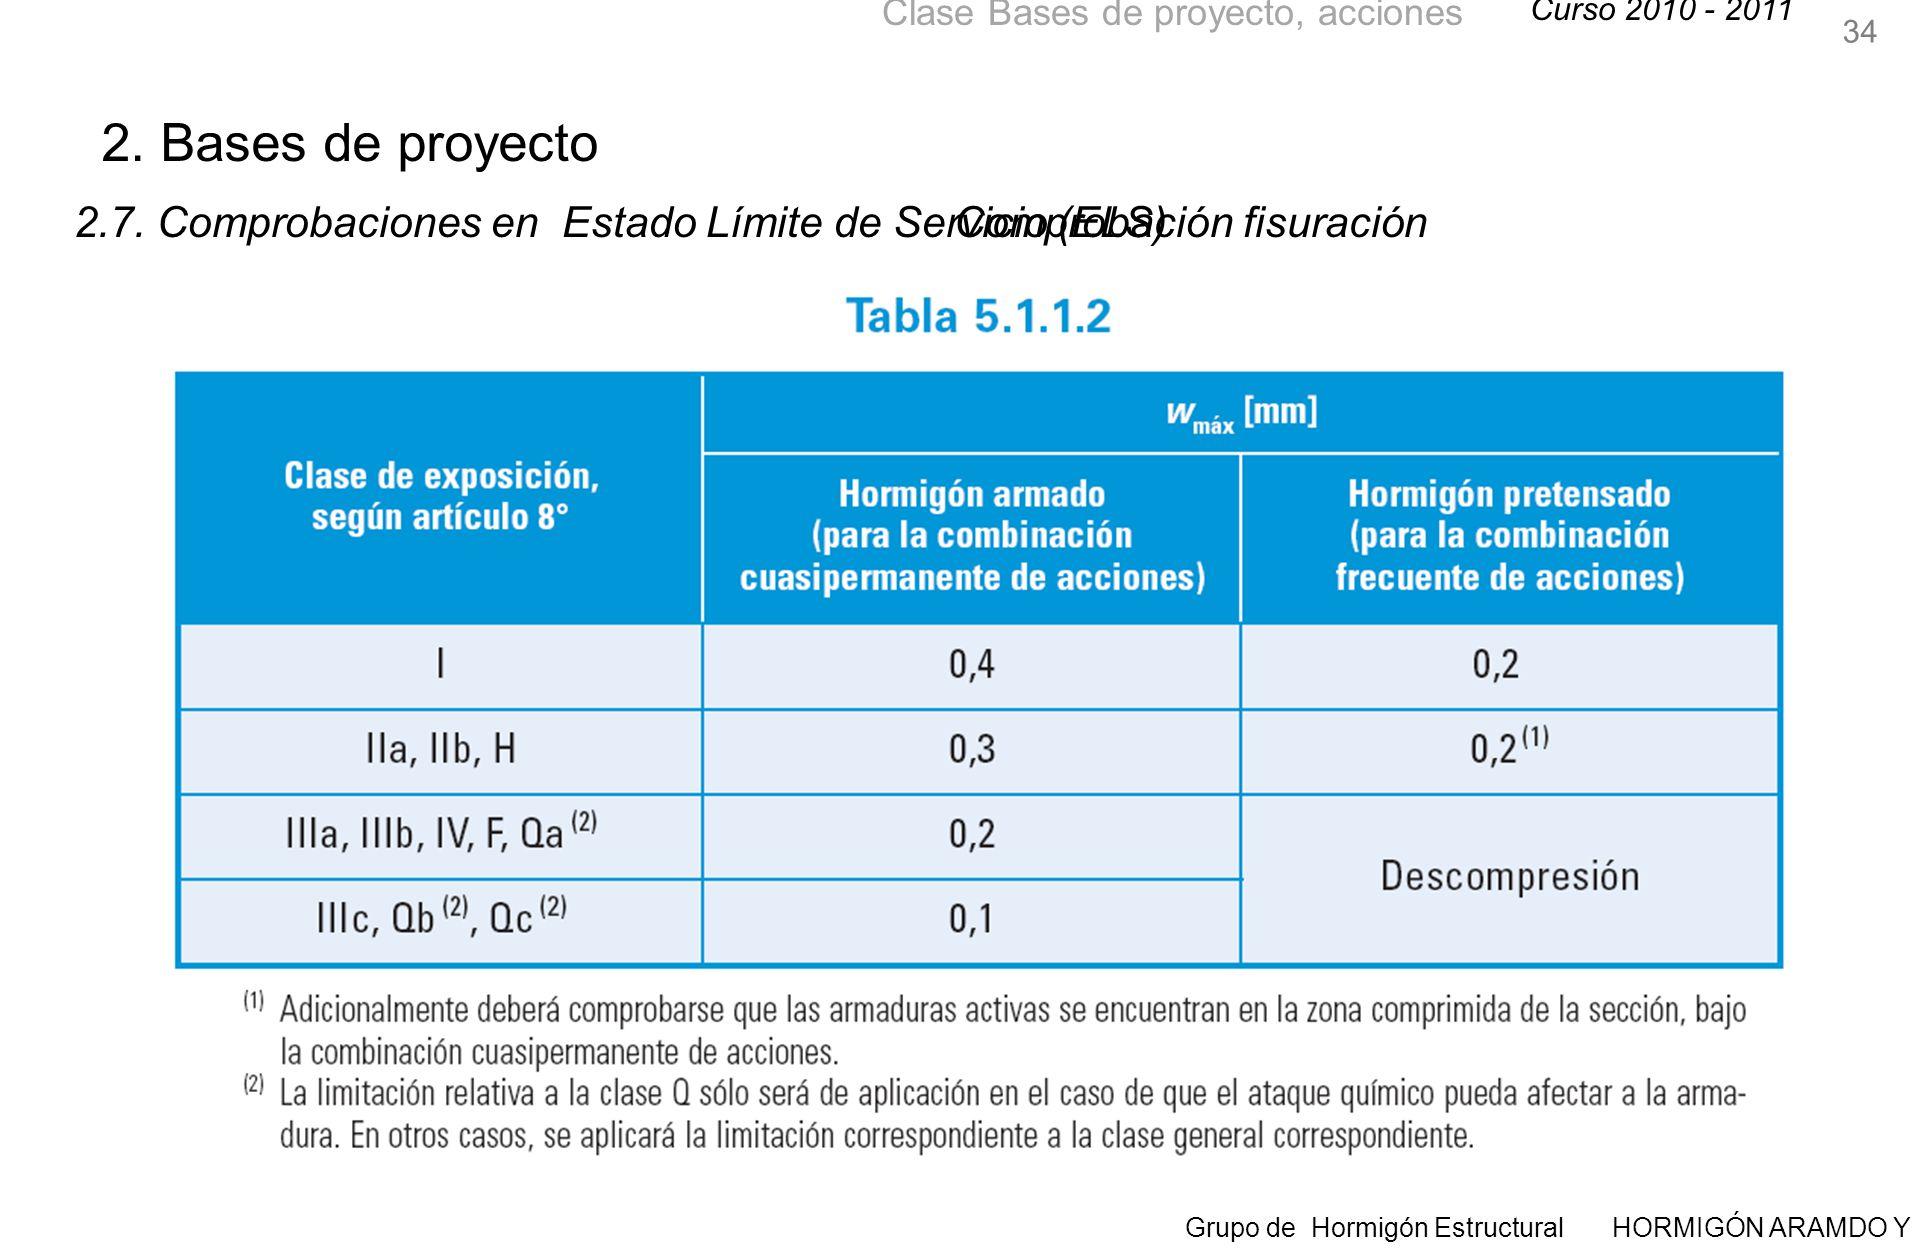 Curso 2010 - 2011 Grupo de Hormigón Estructural HORMIGÓN ARAMDO Y PRETENSADO II Clase Bases de proyecto, acciones 34 Comprobación fisuración 2.